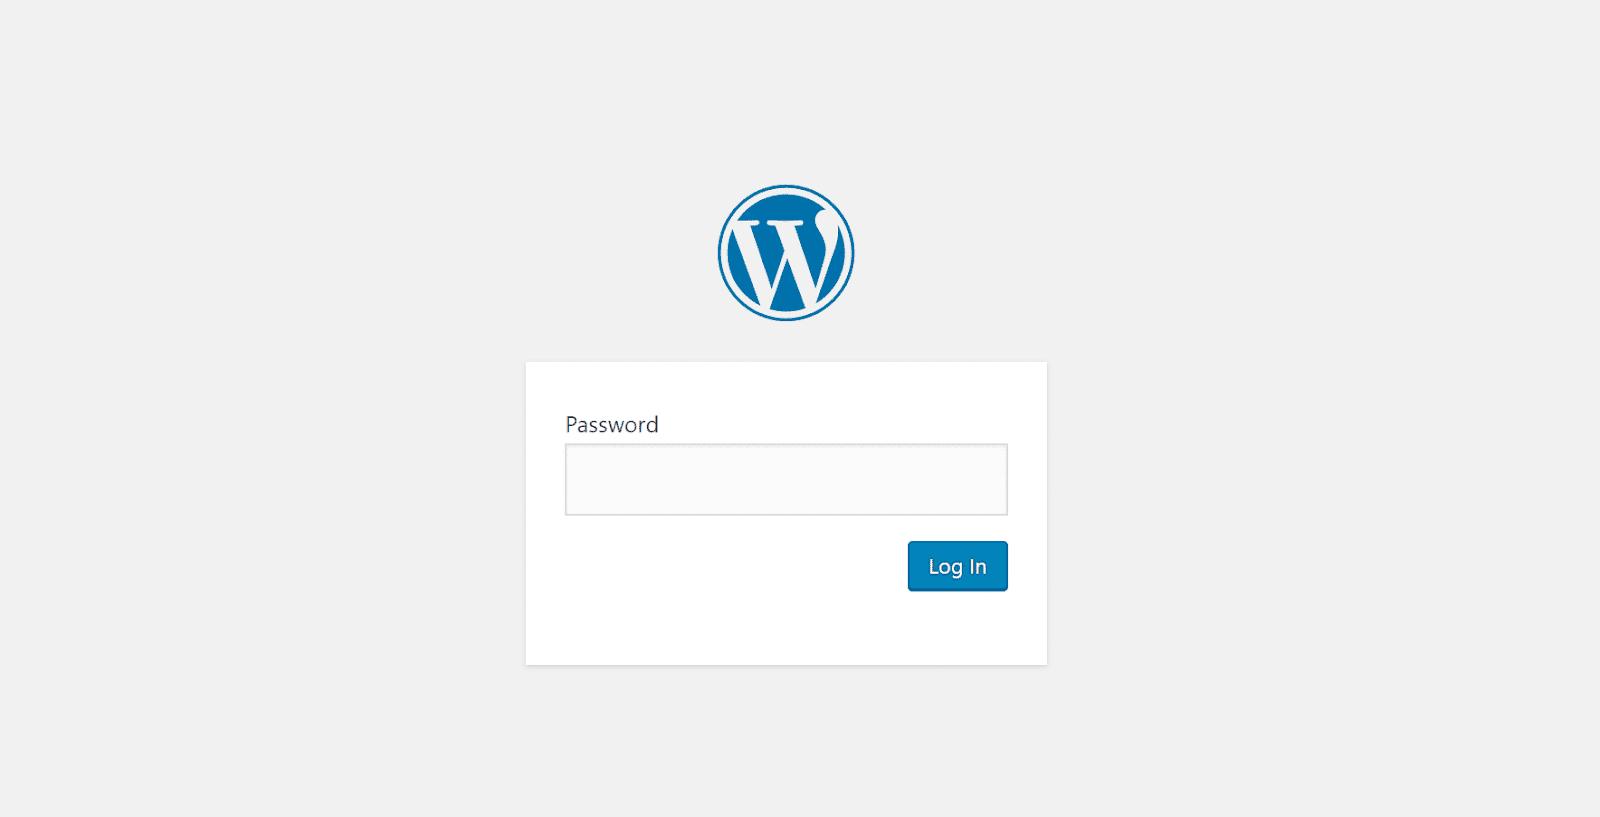 Mẫu mật khẩu sitewide